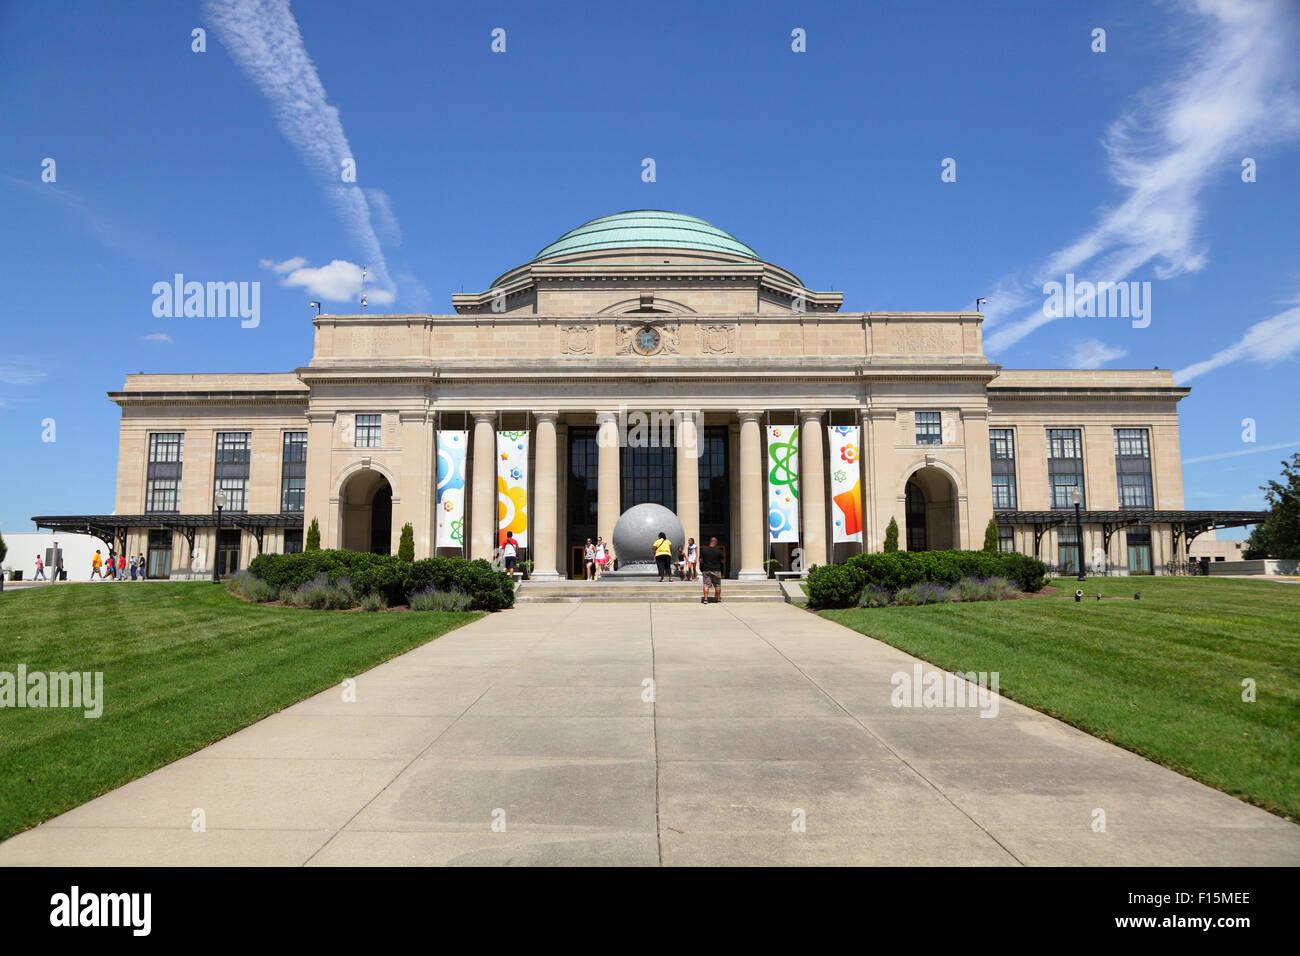 Science Museum of Virginia (Broad Street Station), Richmond, Virginia, USA - Stock Image